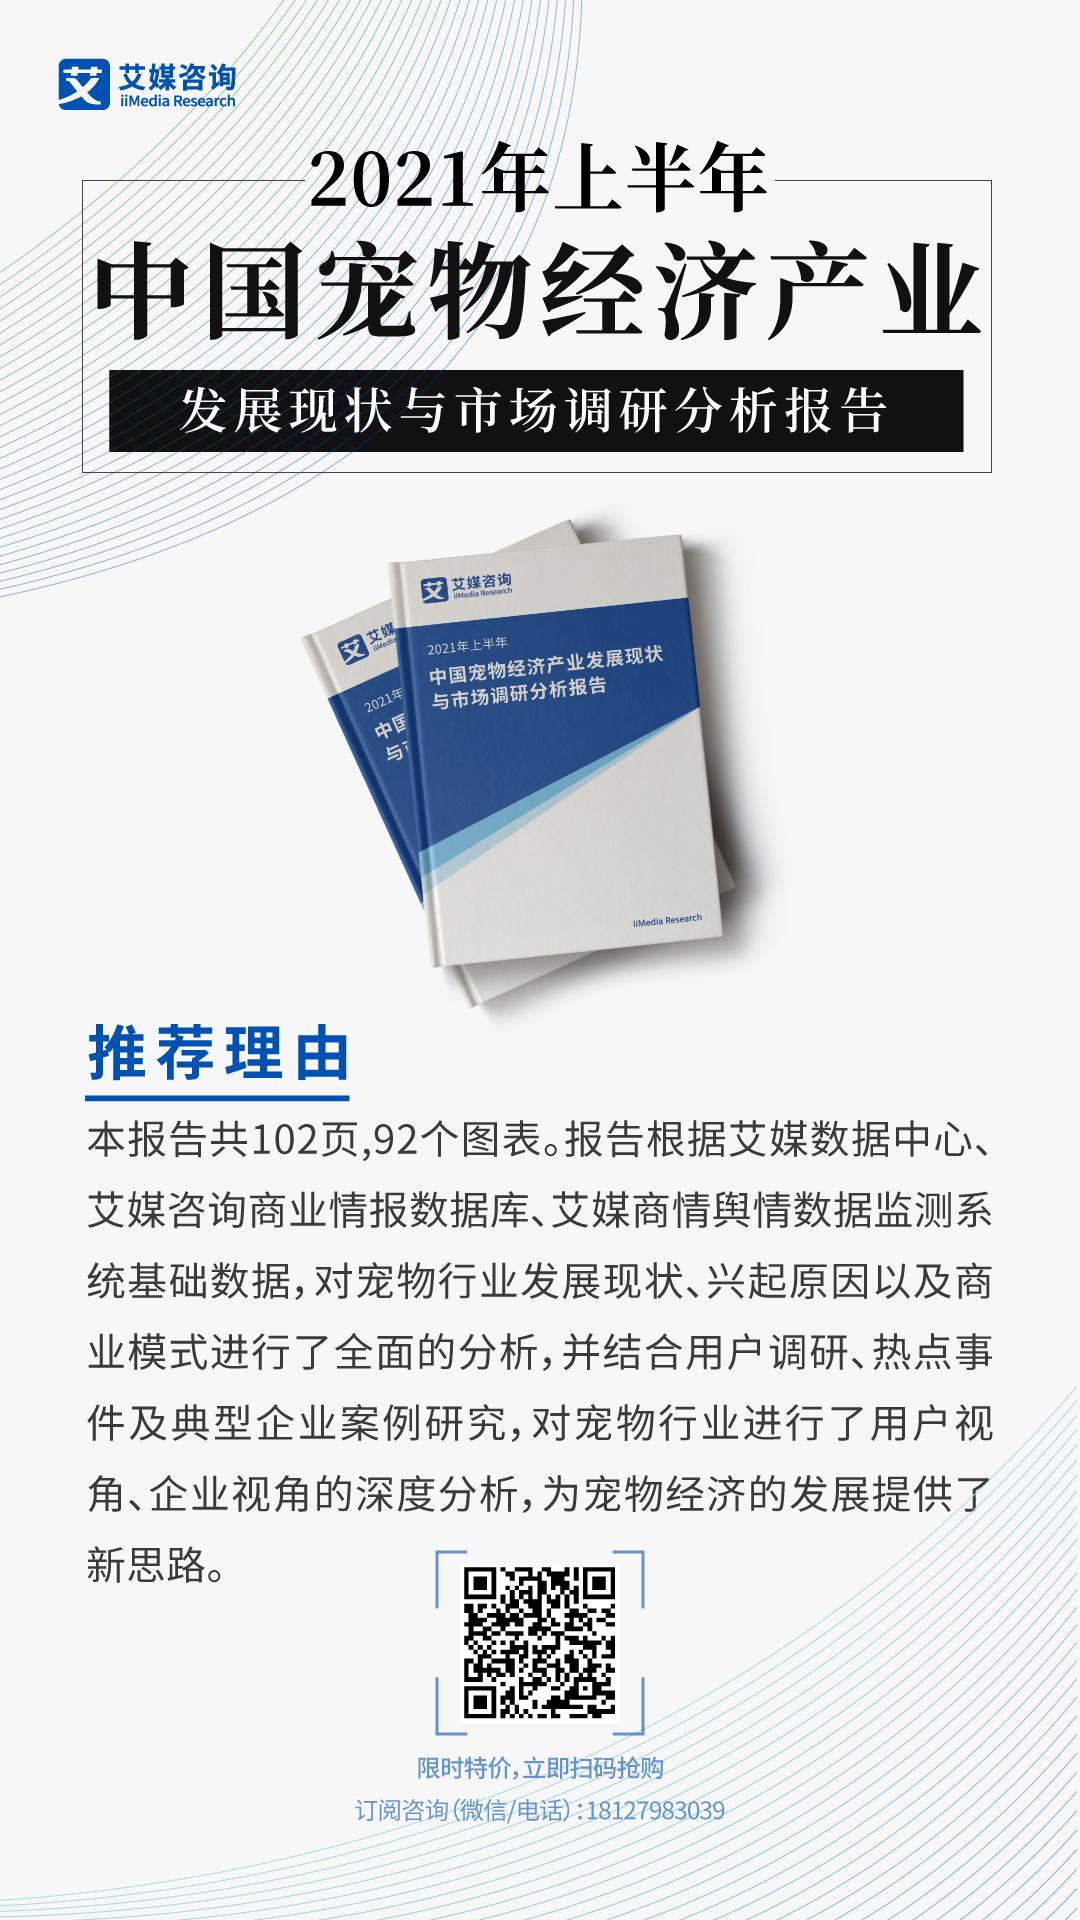 2021年上半年中国宠物经济产业发展现状与市场调研分析报告